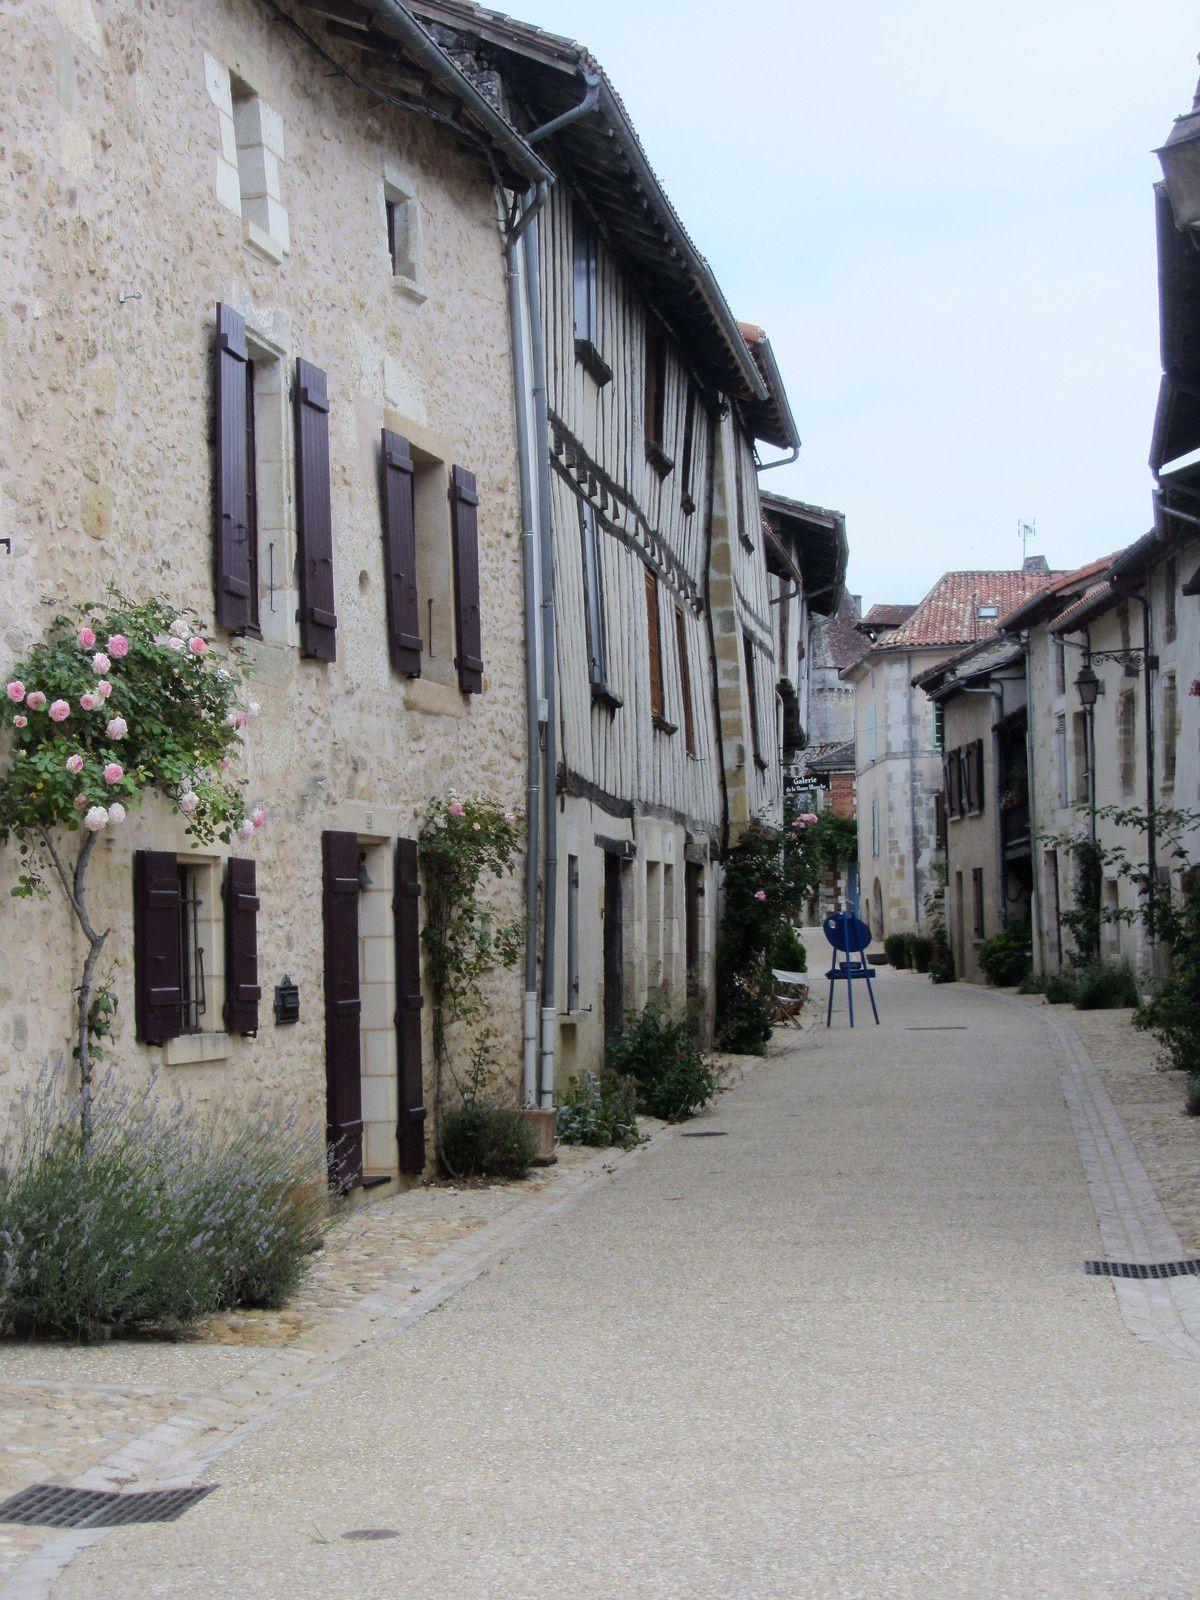 Chaque année depuis 1982, début mai, pendant tout un week-end, de nombreuses personnes se rendent aux Floralies de Saint-Jean-de-Côle